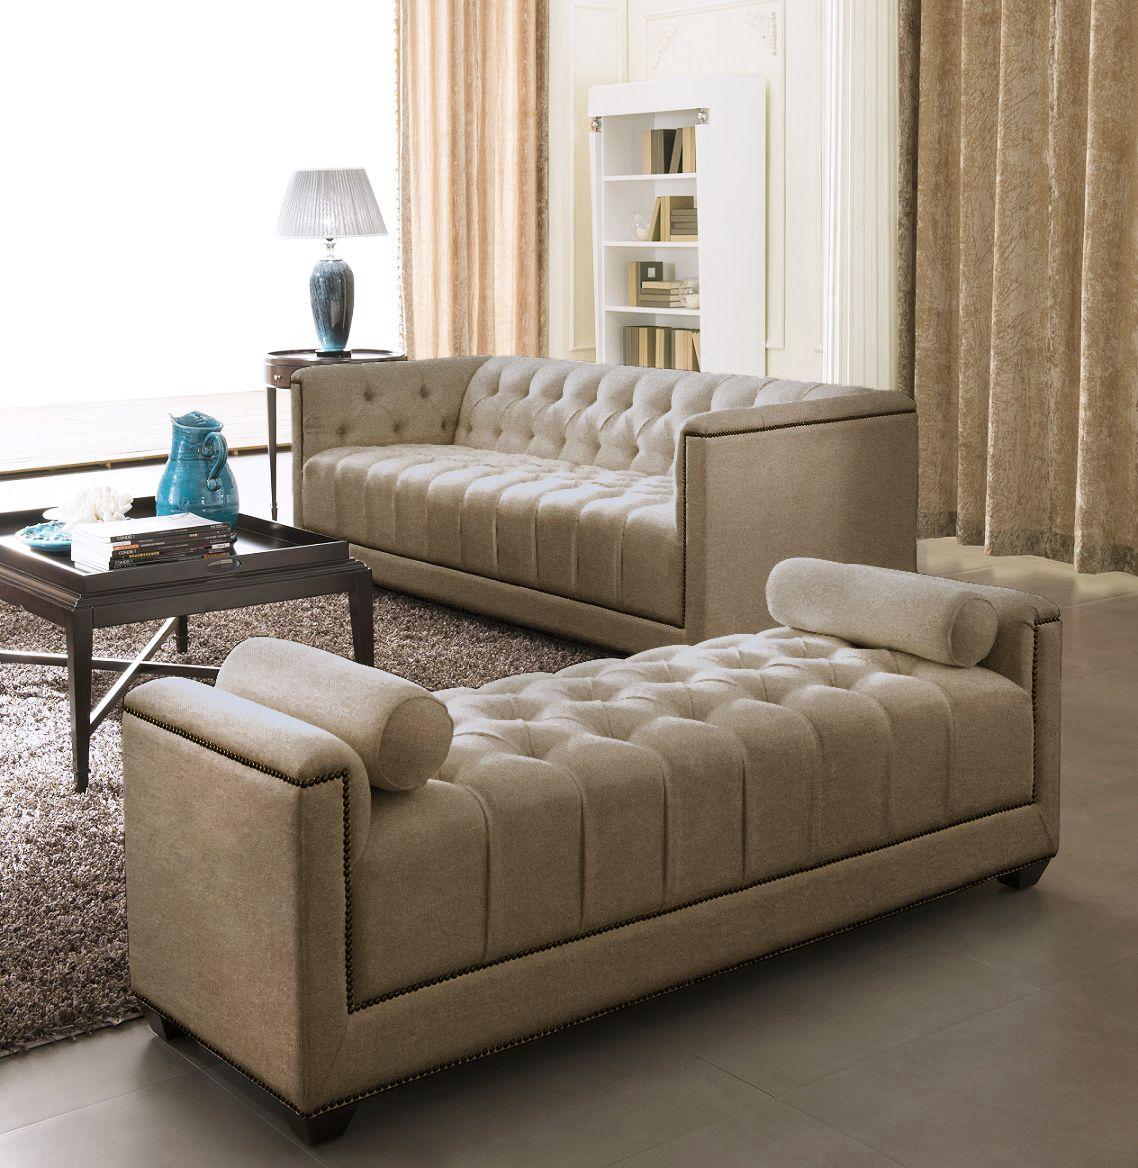 Fabric Sofa Set - Eden - Gold | Living room sofa design ...